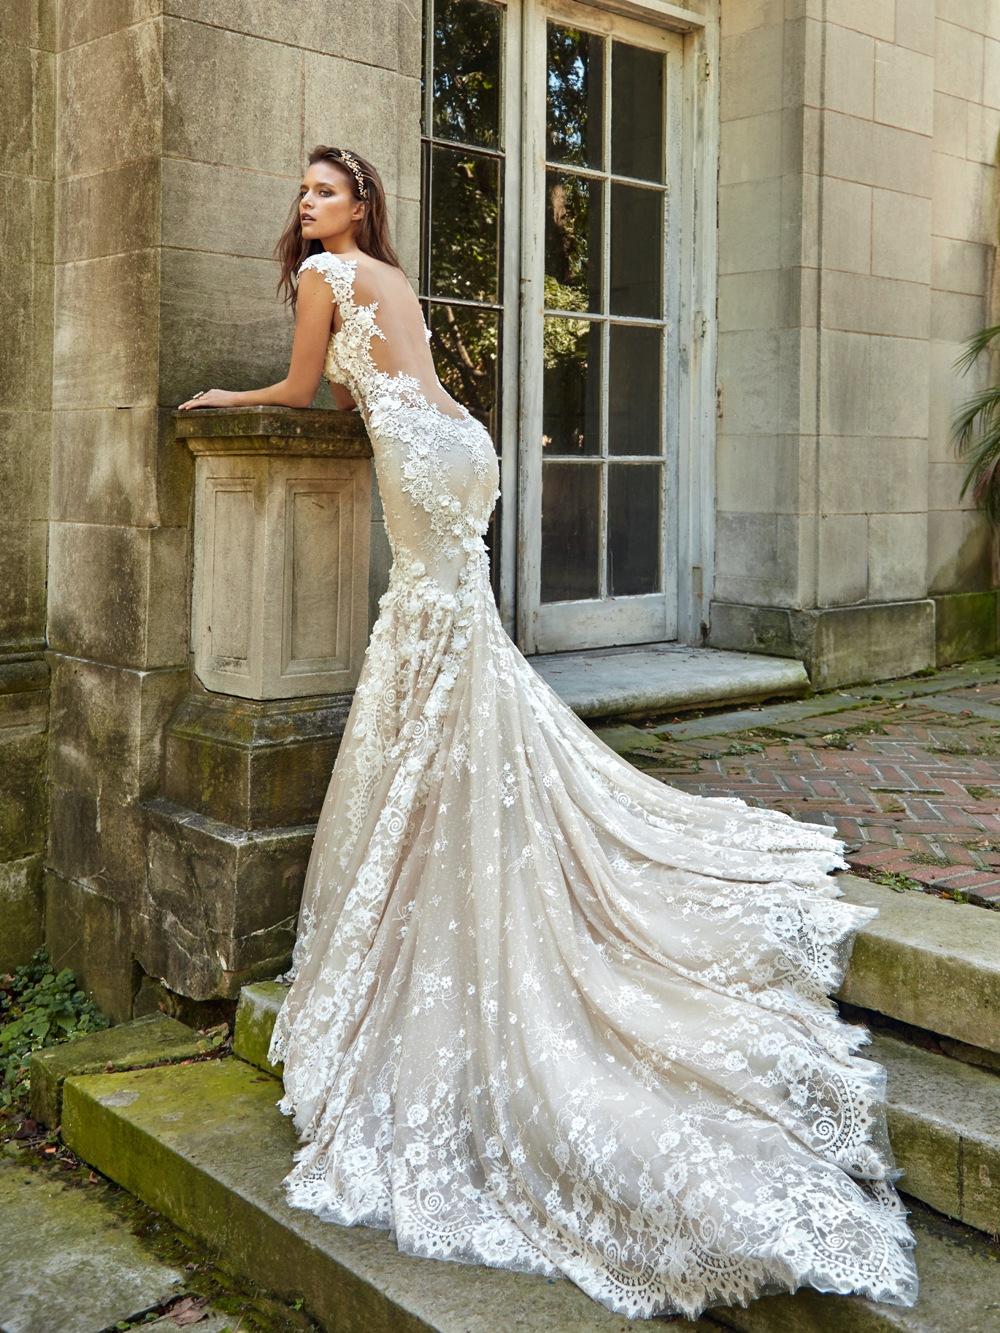 Brautkleid von Galia Lahav mit tiefem Rückenausschnitt